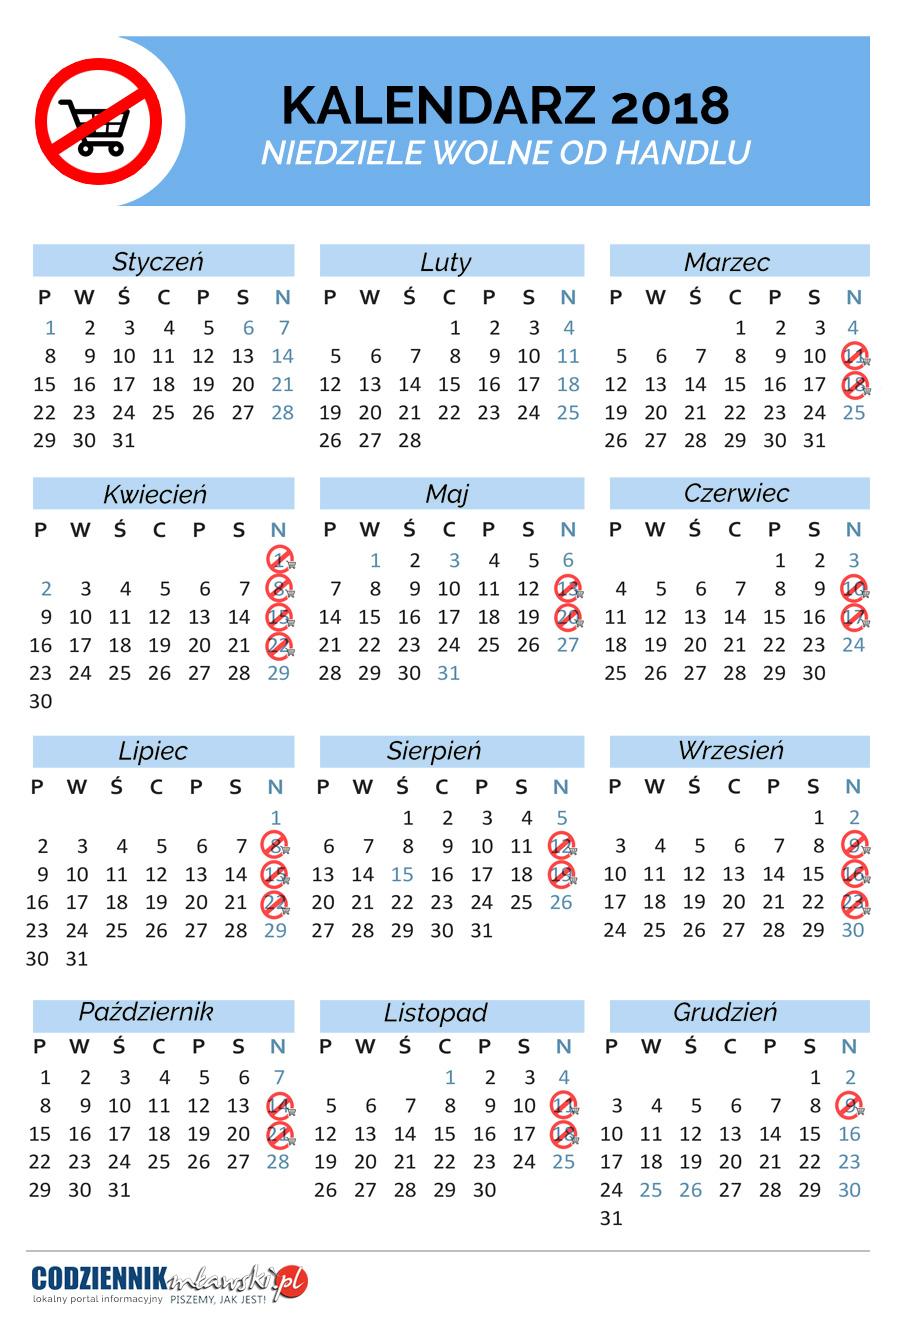 kalendarz zakaz handlu niedziele wolne od handlu 2018 niedziele handlowe